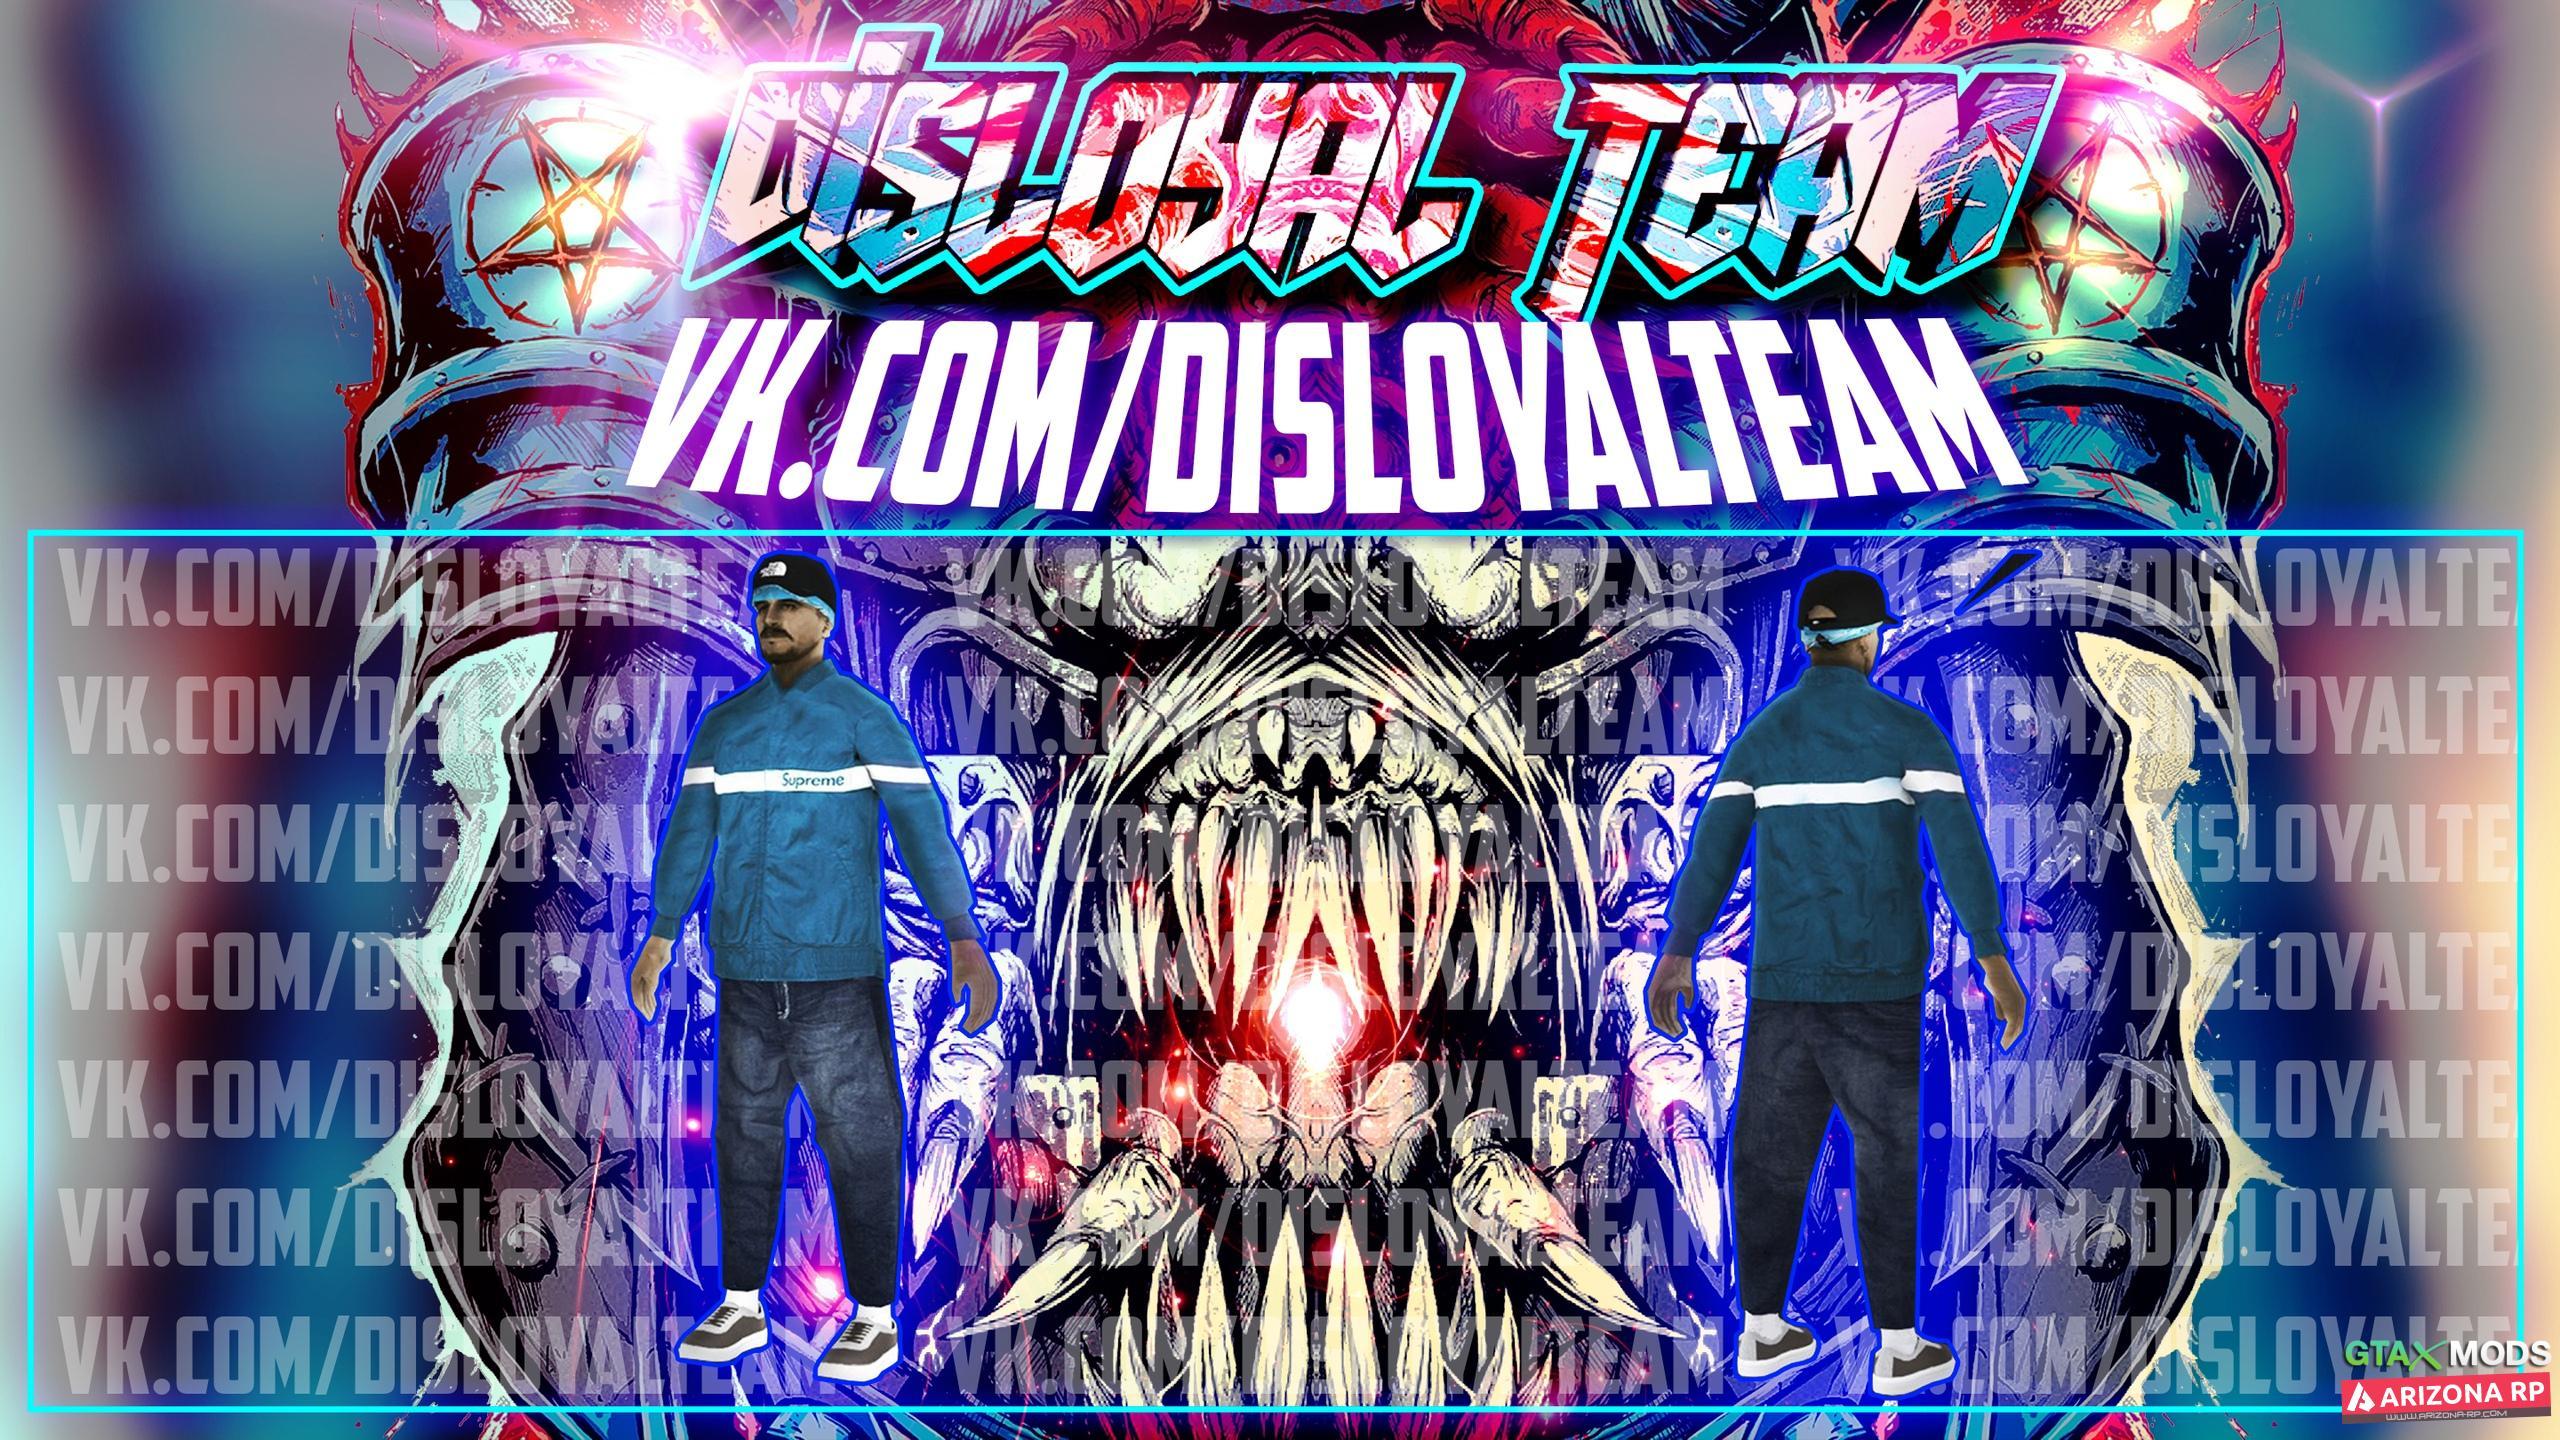 vla3 | Disloyal_Team